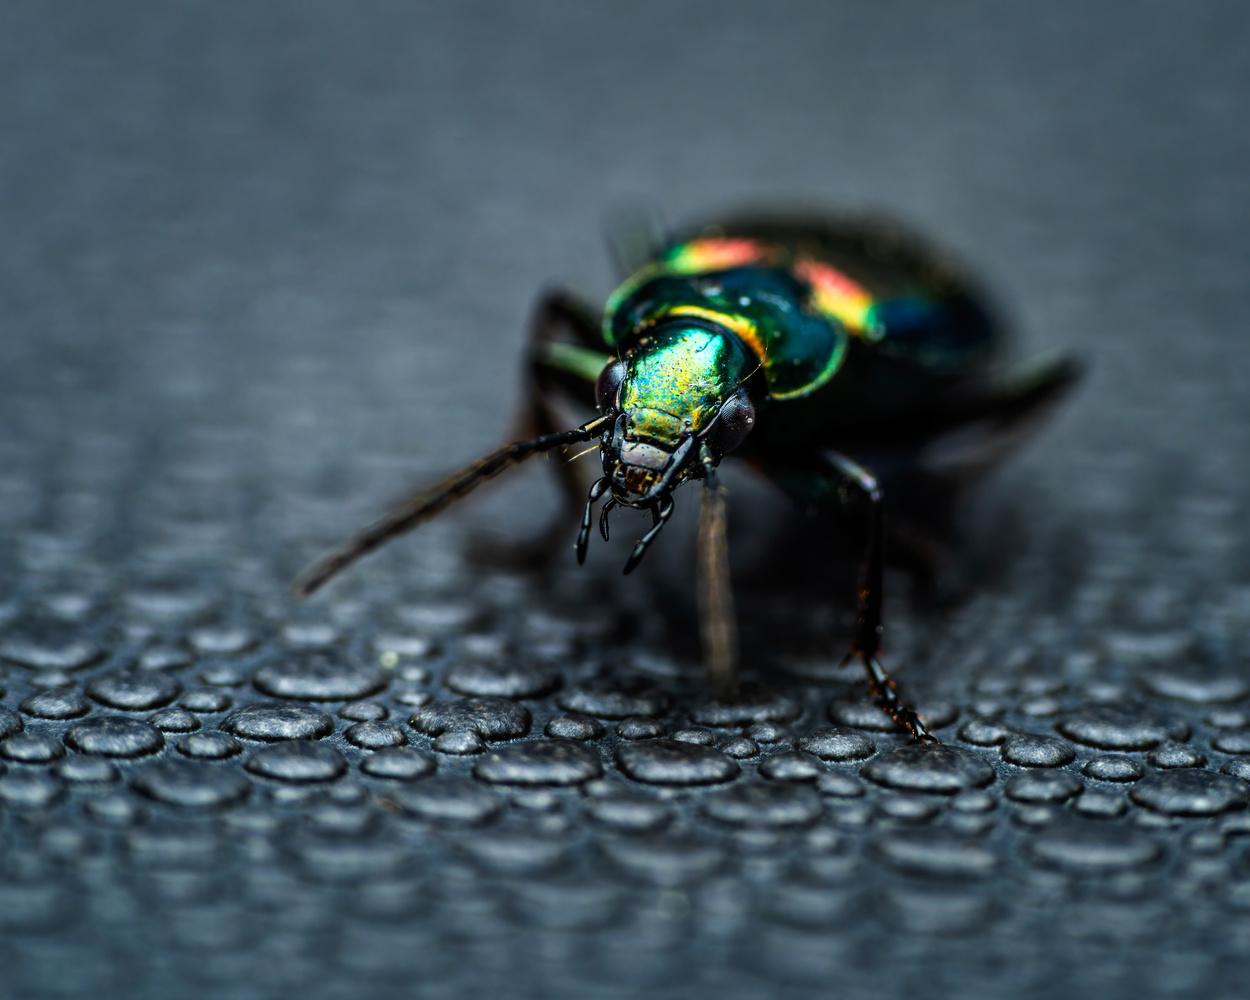 Beetle by Skyler Ewing